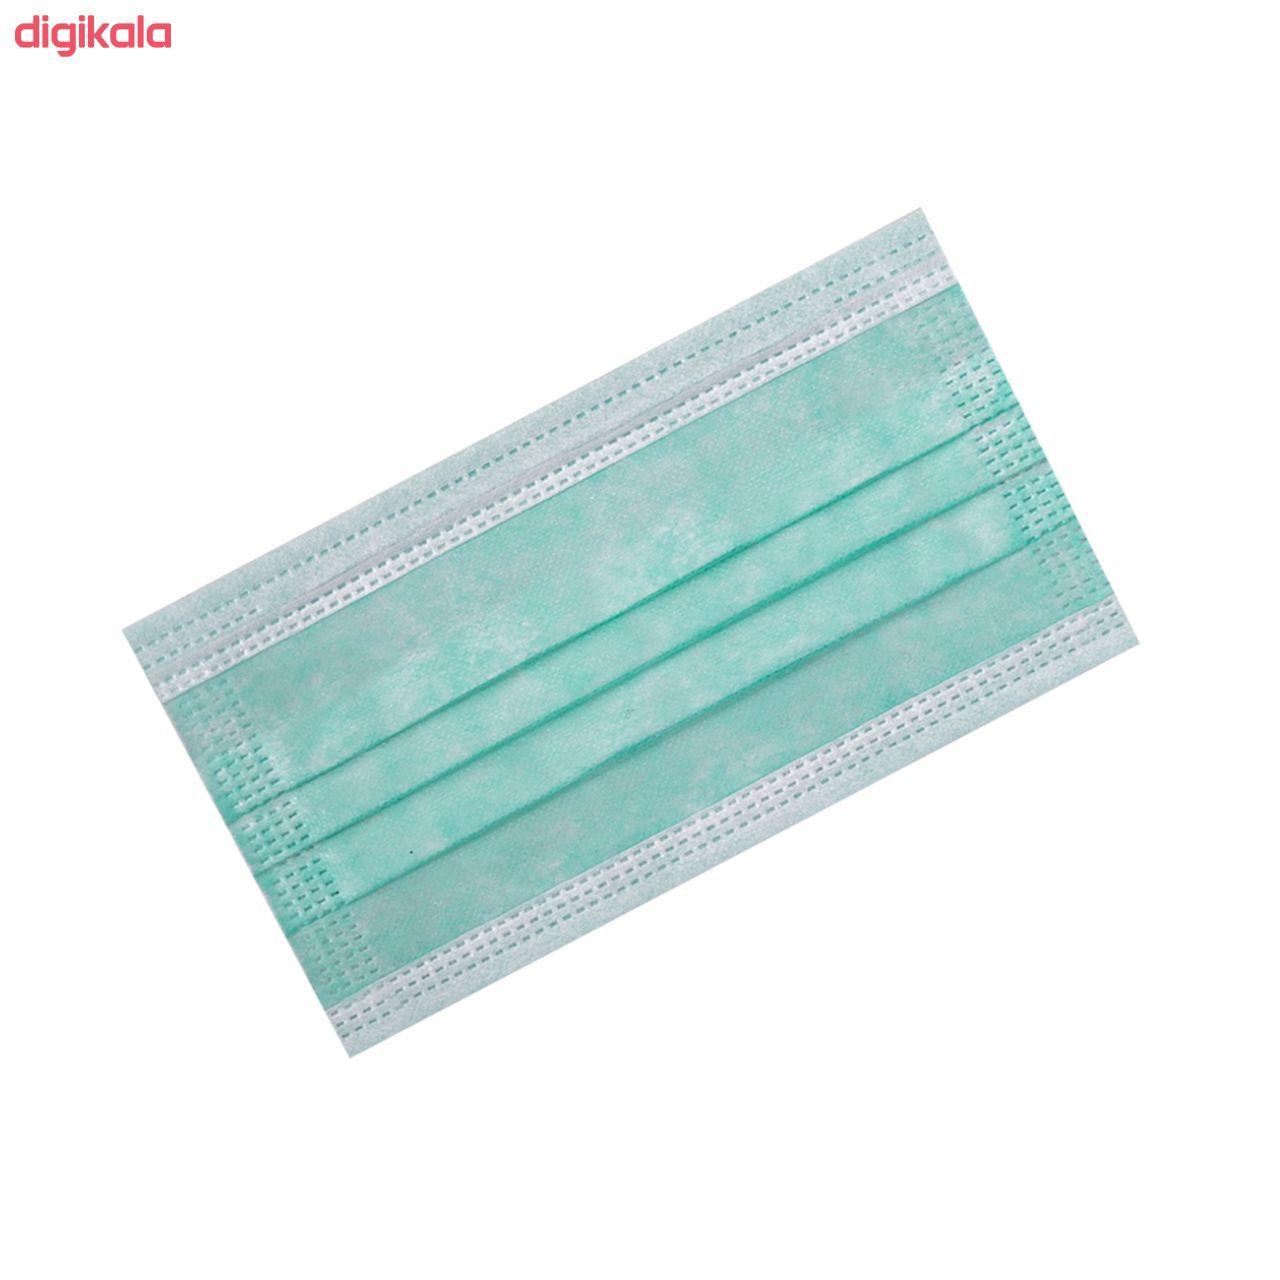 ماسک تنفسی انزانی مدل EGR12 بسته 10 main 1 2